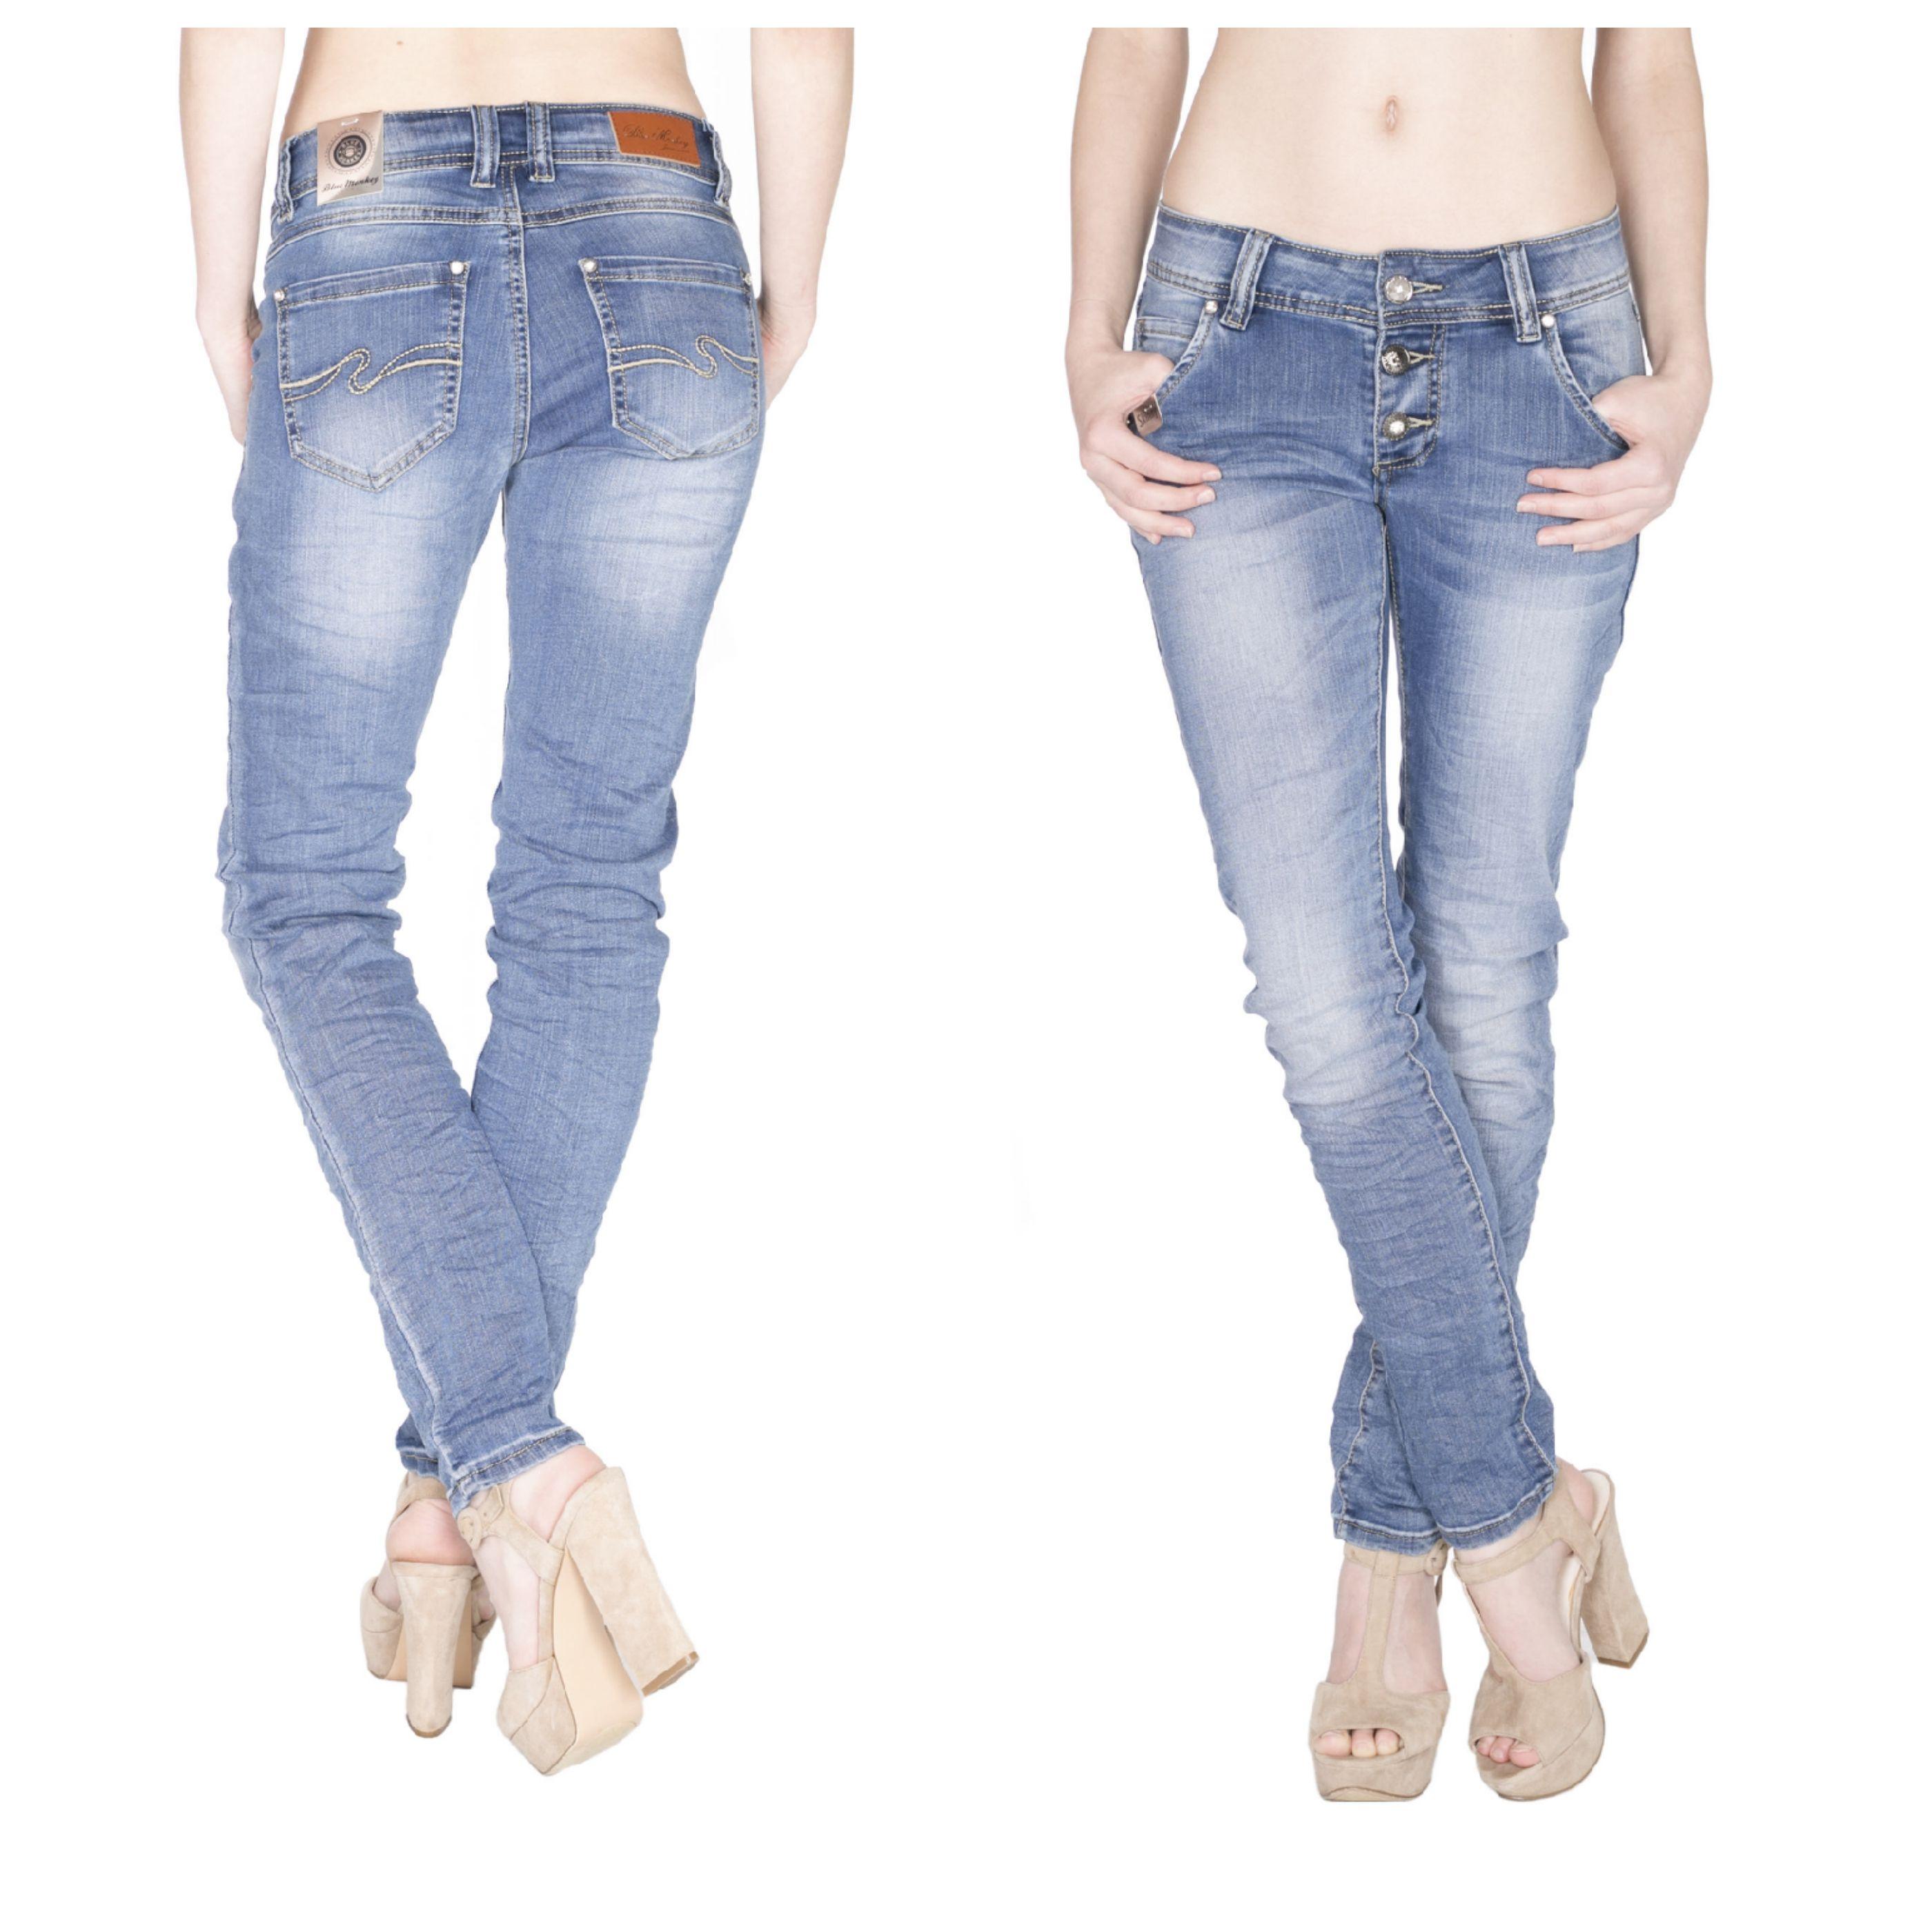 ✓✓✓AUFGEPASST ✓✓✓ Wieder in allen Größen verfügbar! BLUE MONKEY Skinny Jeans mit offener Knopfleiste und Zierknöpfe mit Strass Rosa 3583 ➤➤Rosa 3583 http://bit.ly/1WKZW2G #myjeansshop #bluemonkeyjeans #jeans